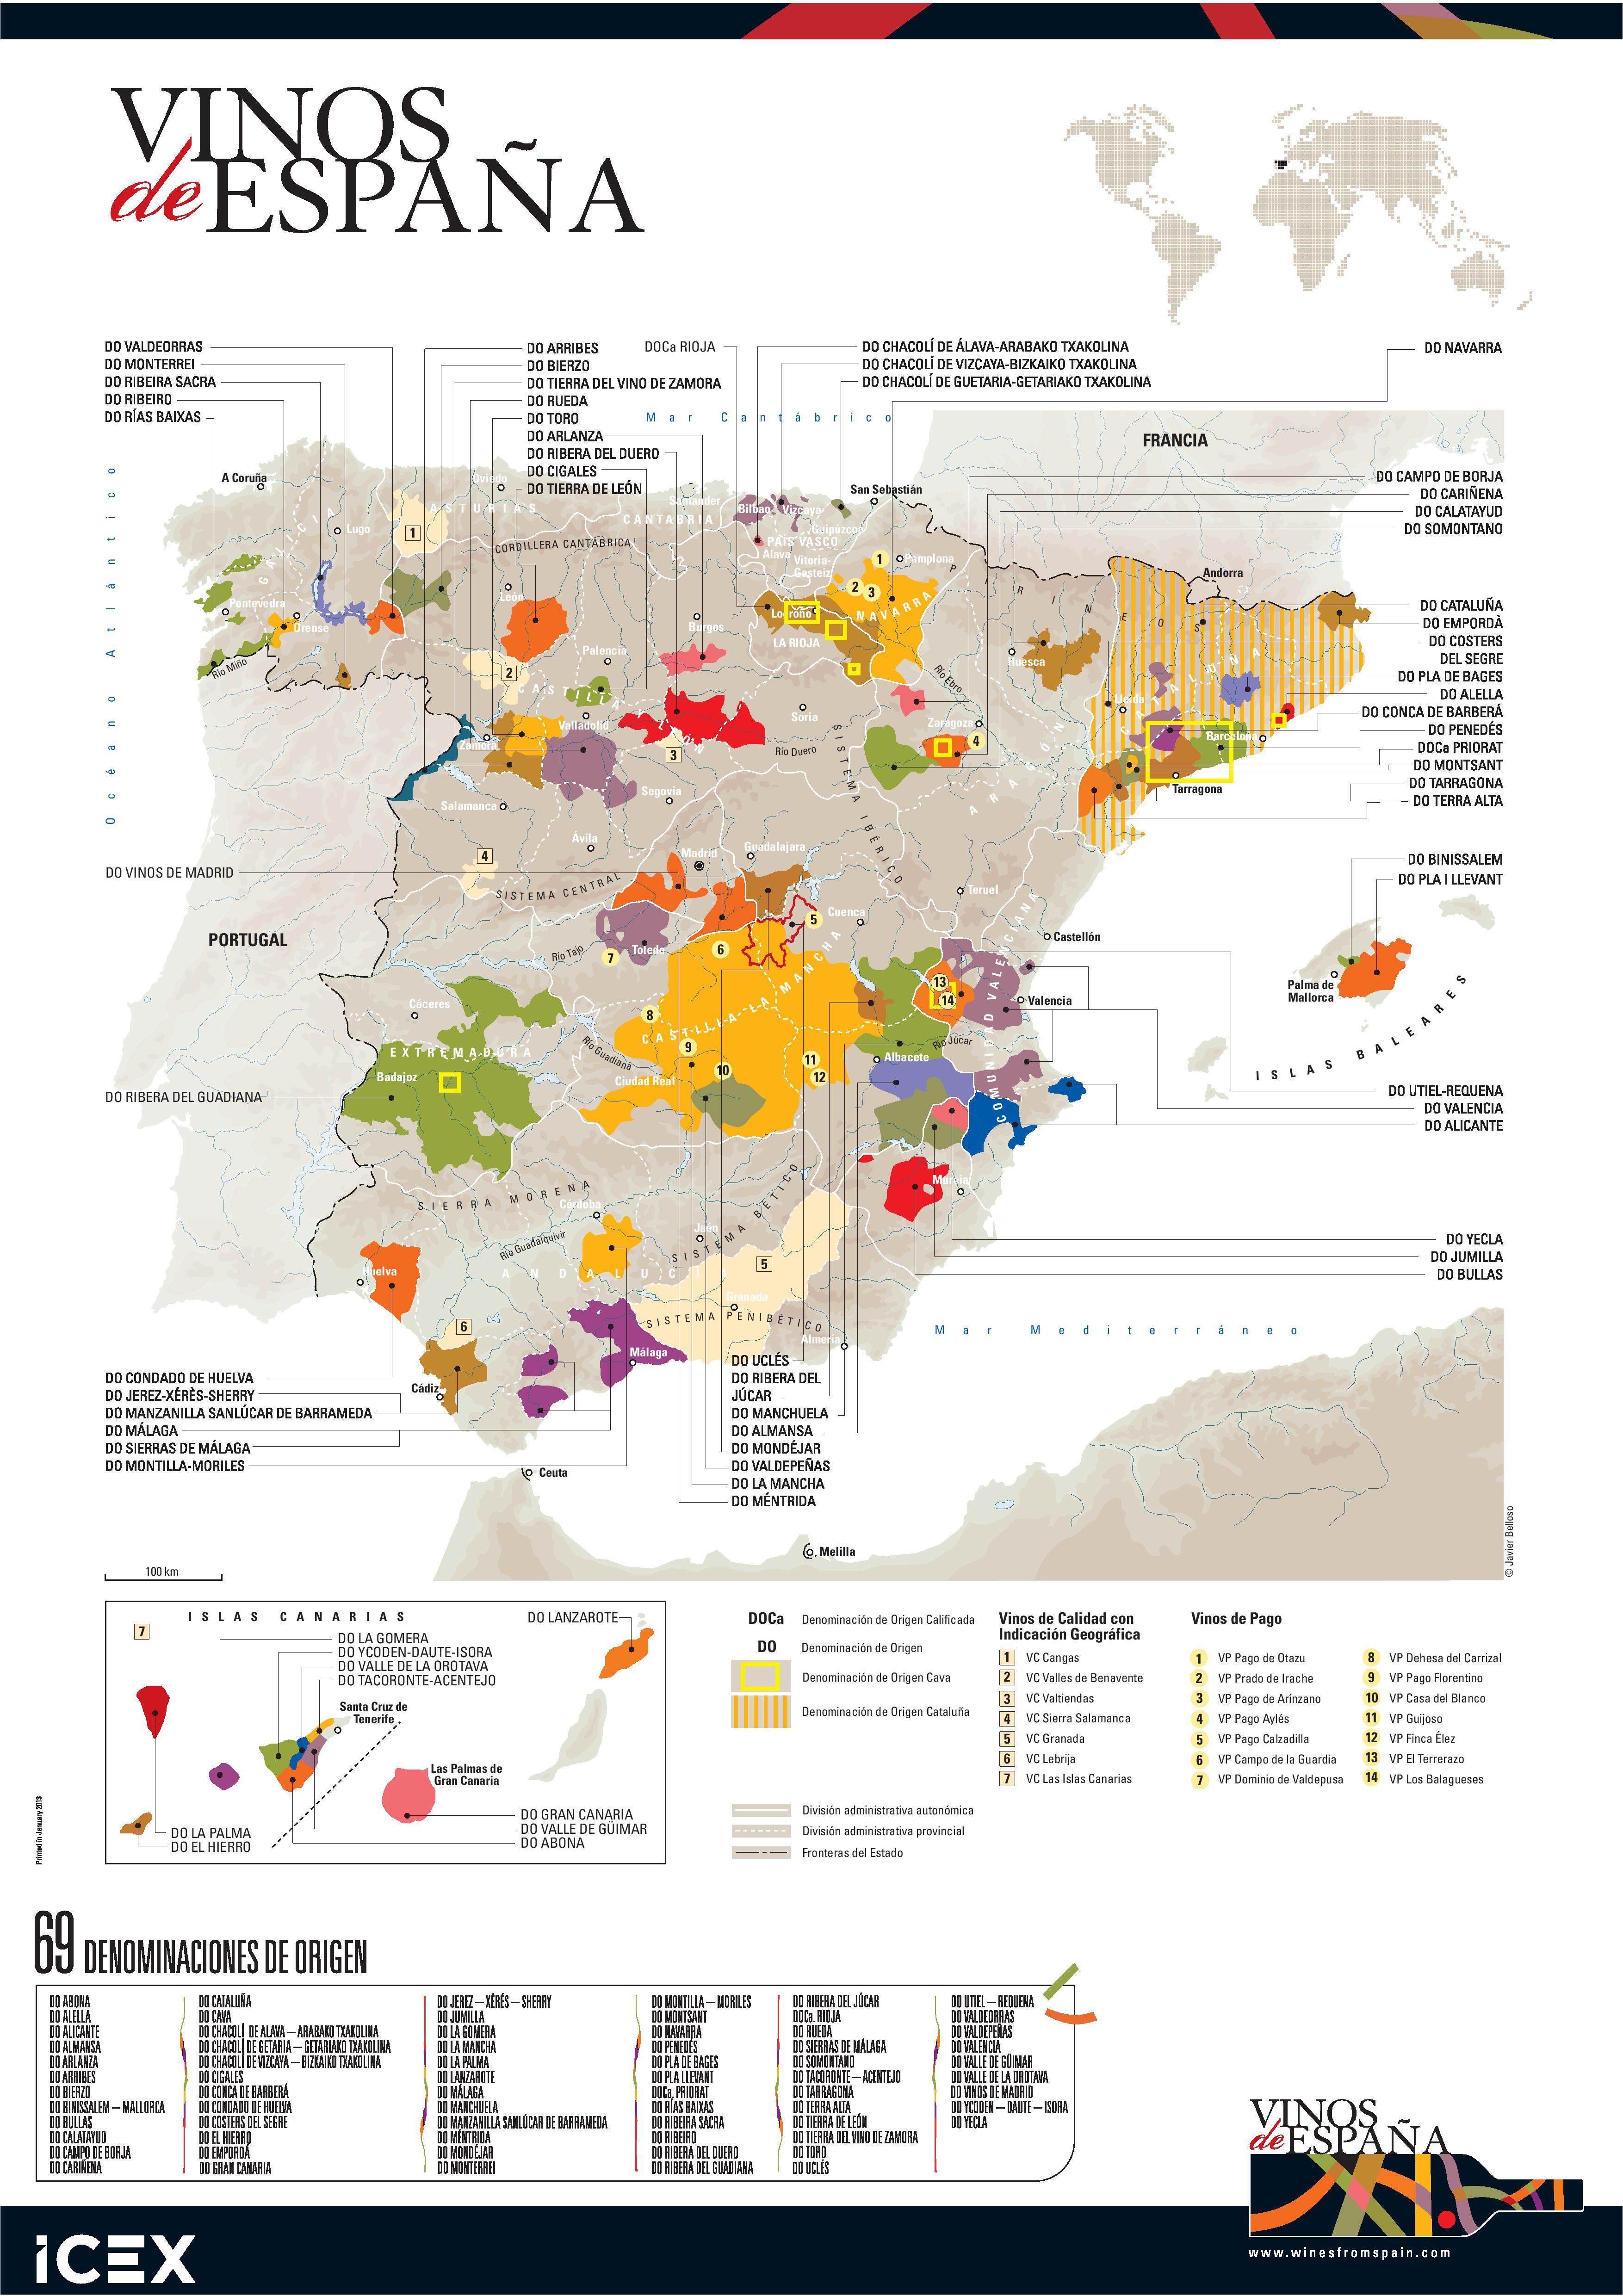 Denominaciones de Origen vinos de España